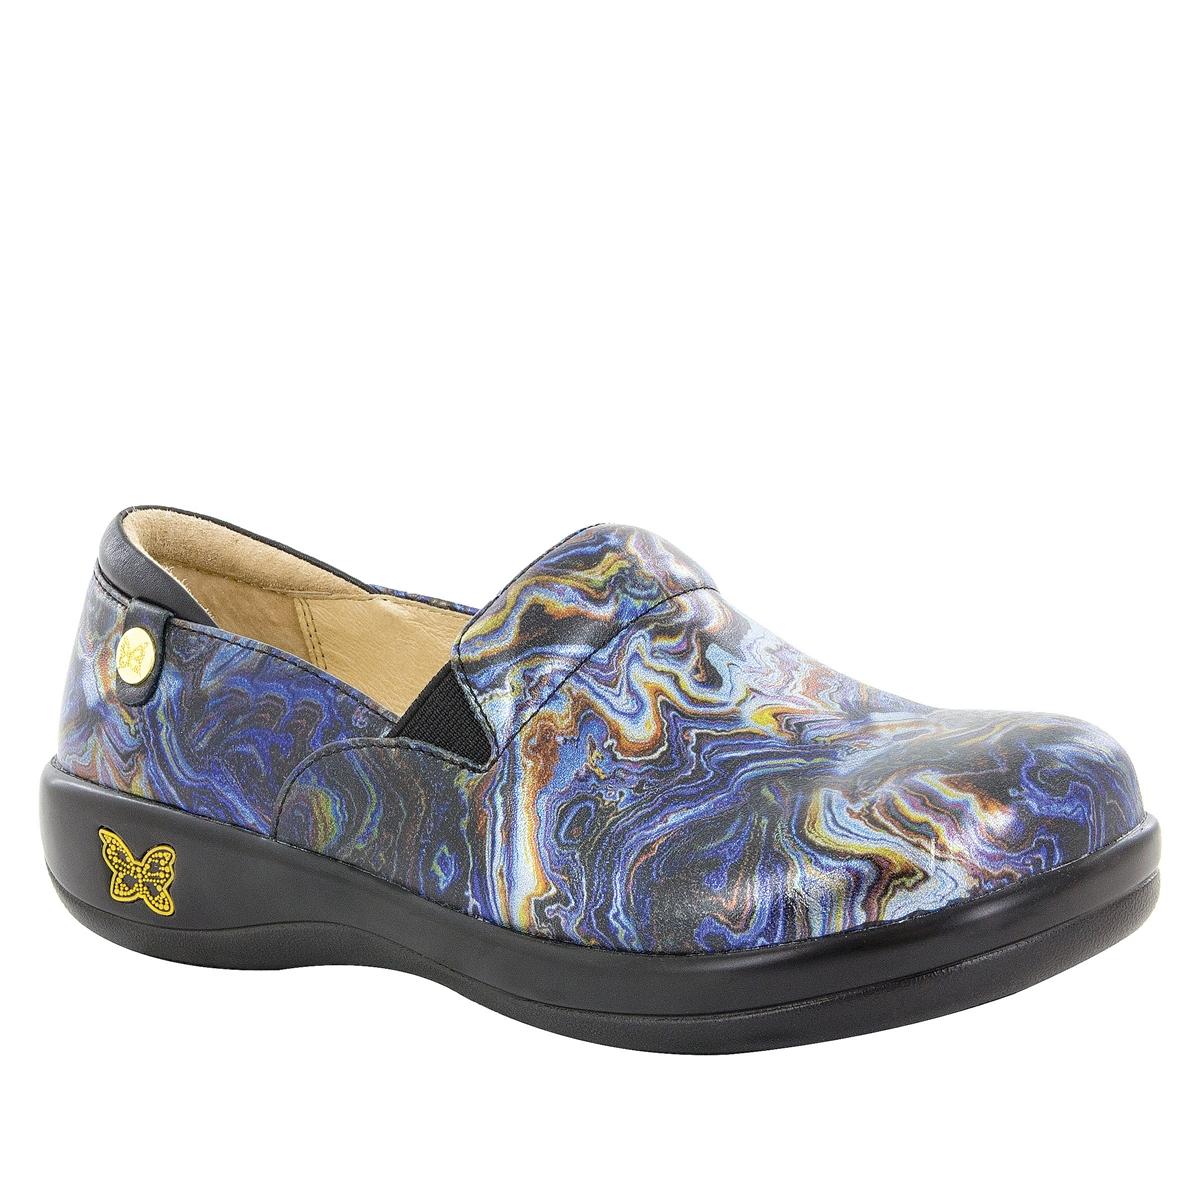 Alegria Shoes Keli Pro Seismic